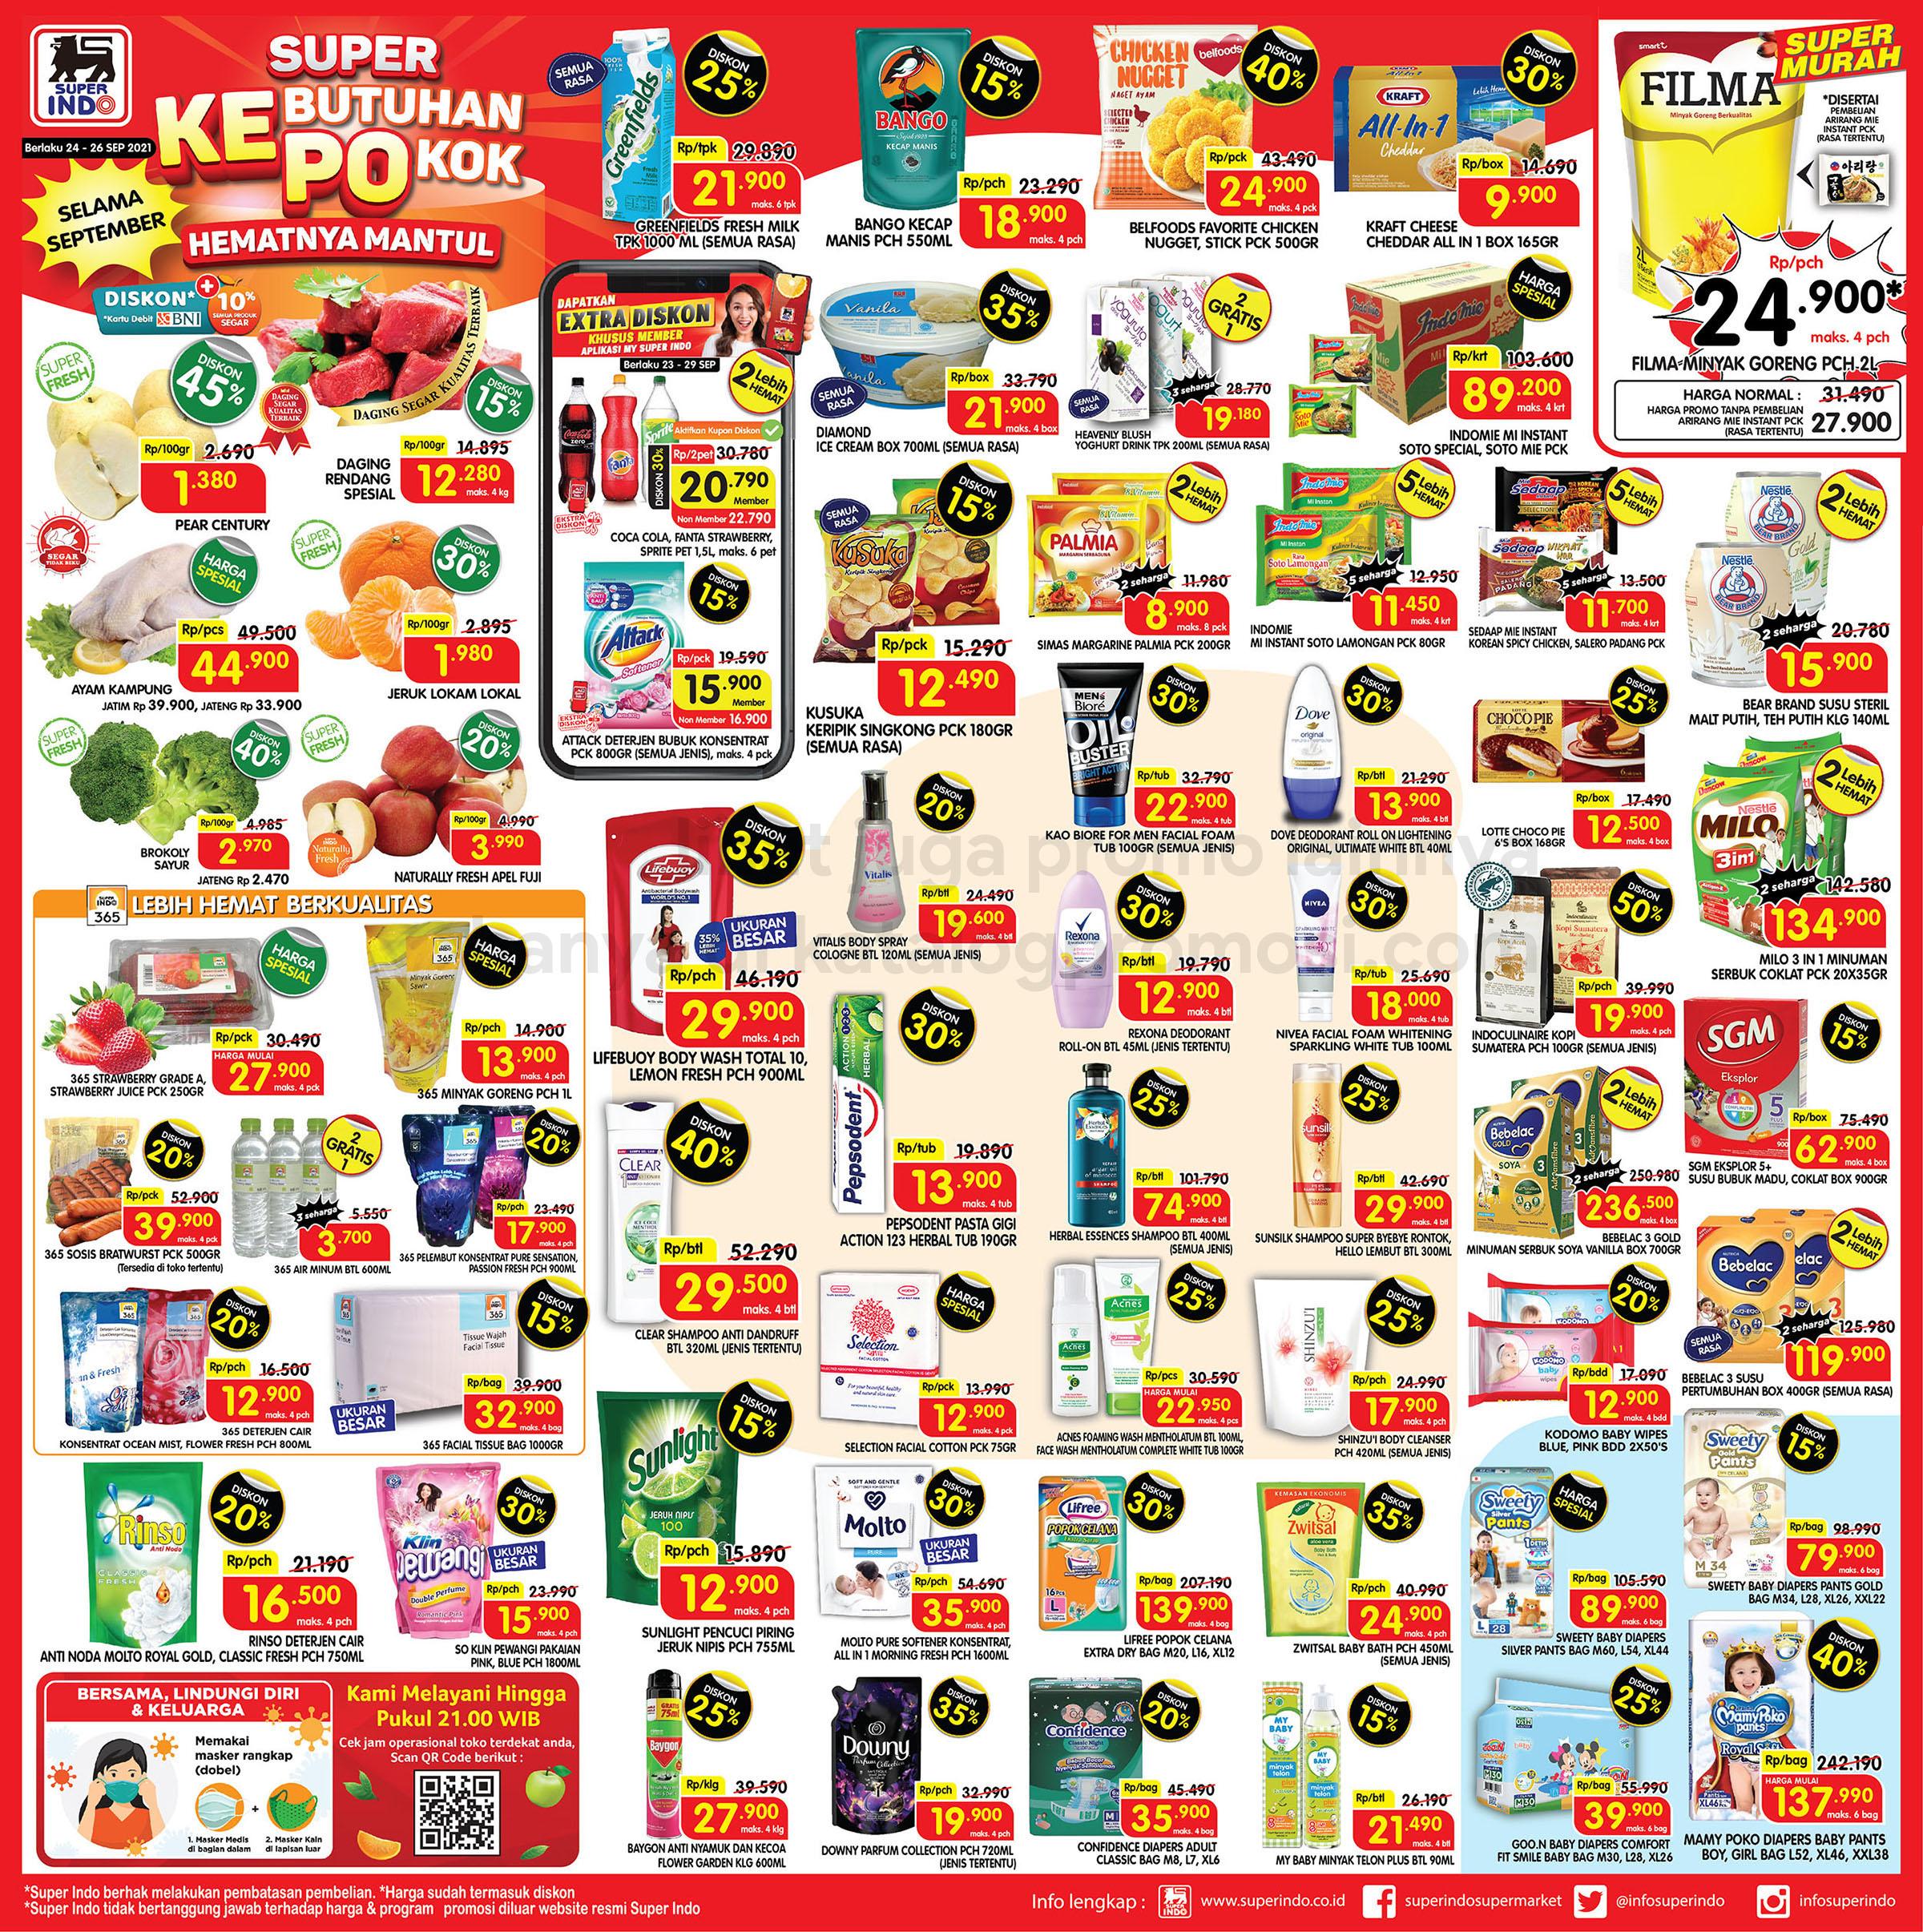 Promo Superindo JSM Katalog WEEKEND 24-26 September 2021